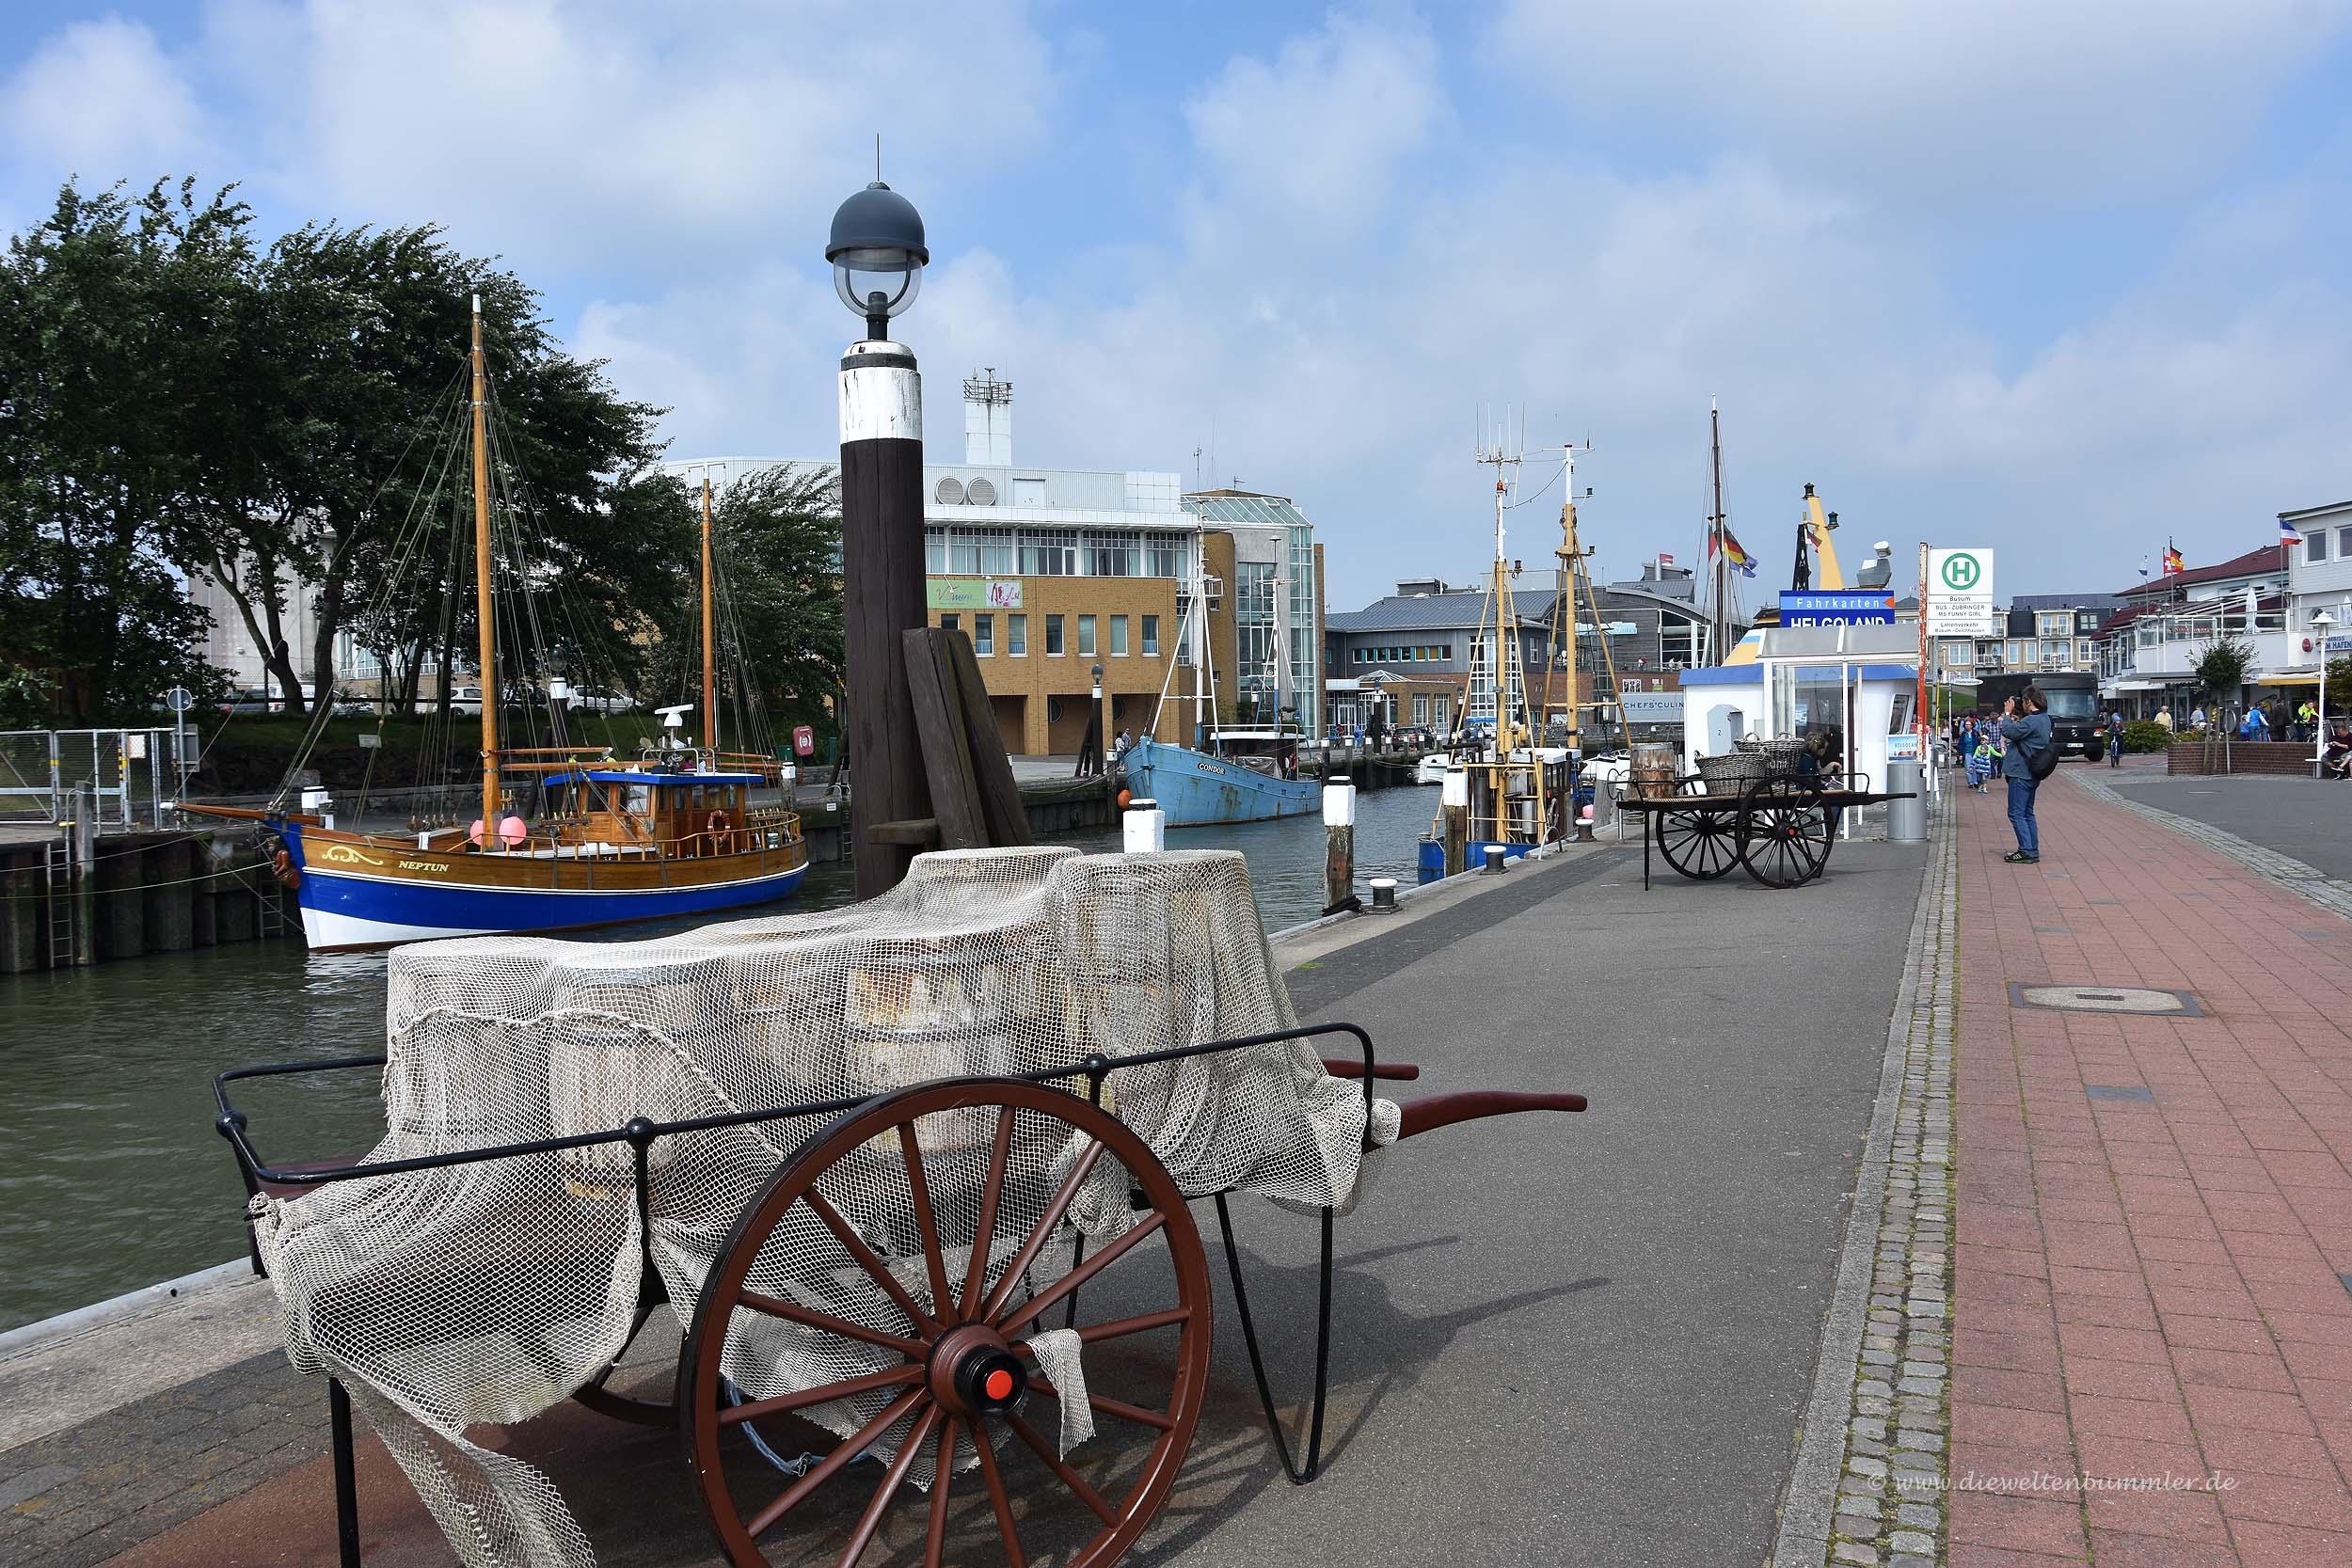 Museumshafen in Büsum